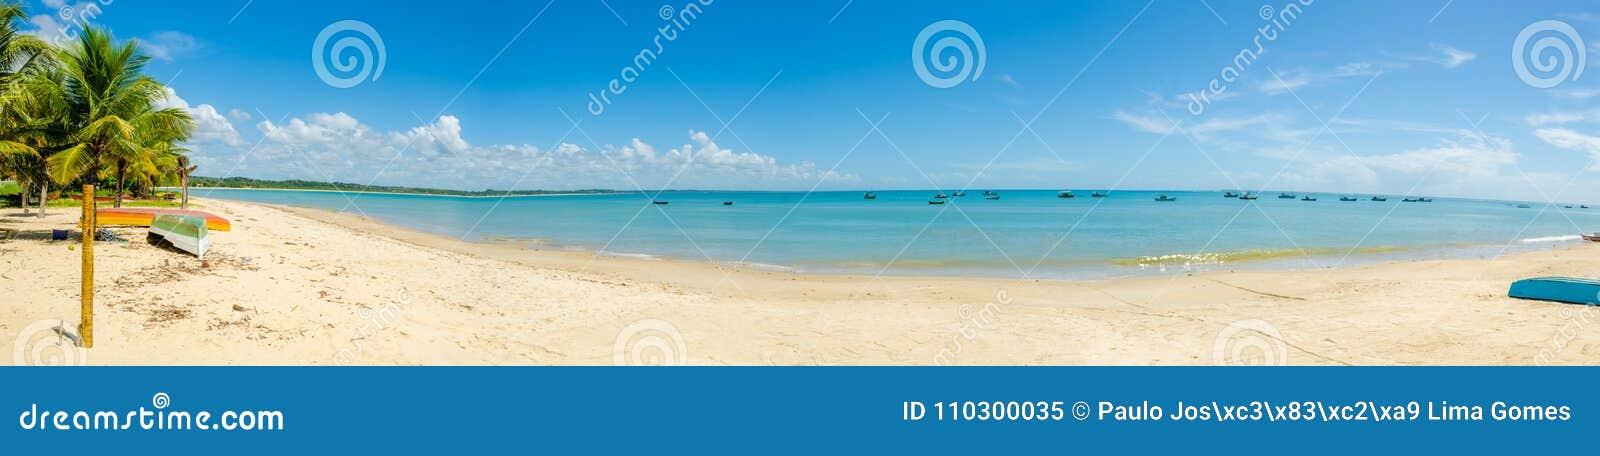 Panorama bonito da praia vermelha da coroa em Porto Seguro em Brasil em Baía, abandonado, com alguns barcos de pesca, uma árvore